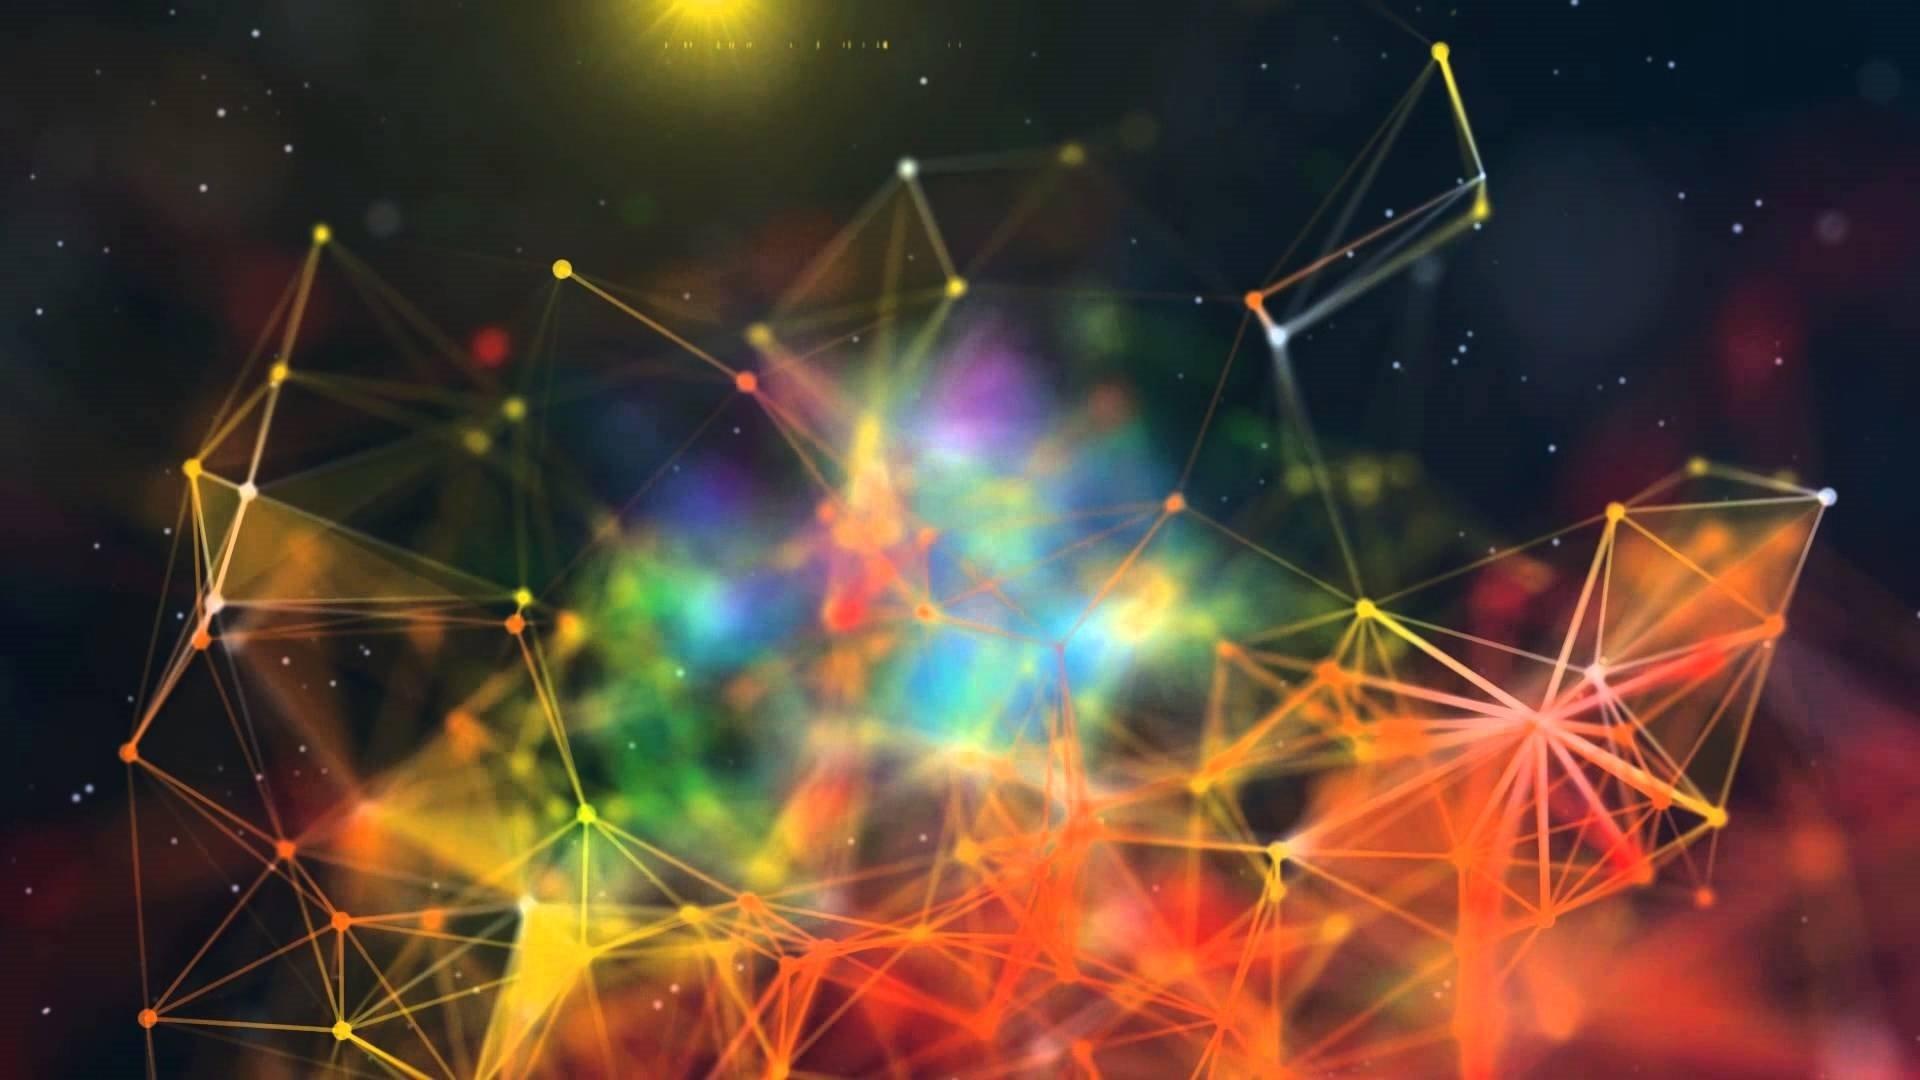 Plexus Image Desktop